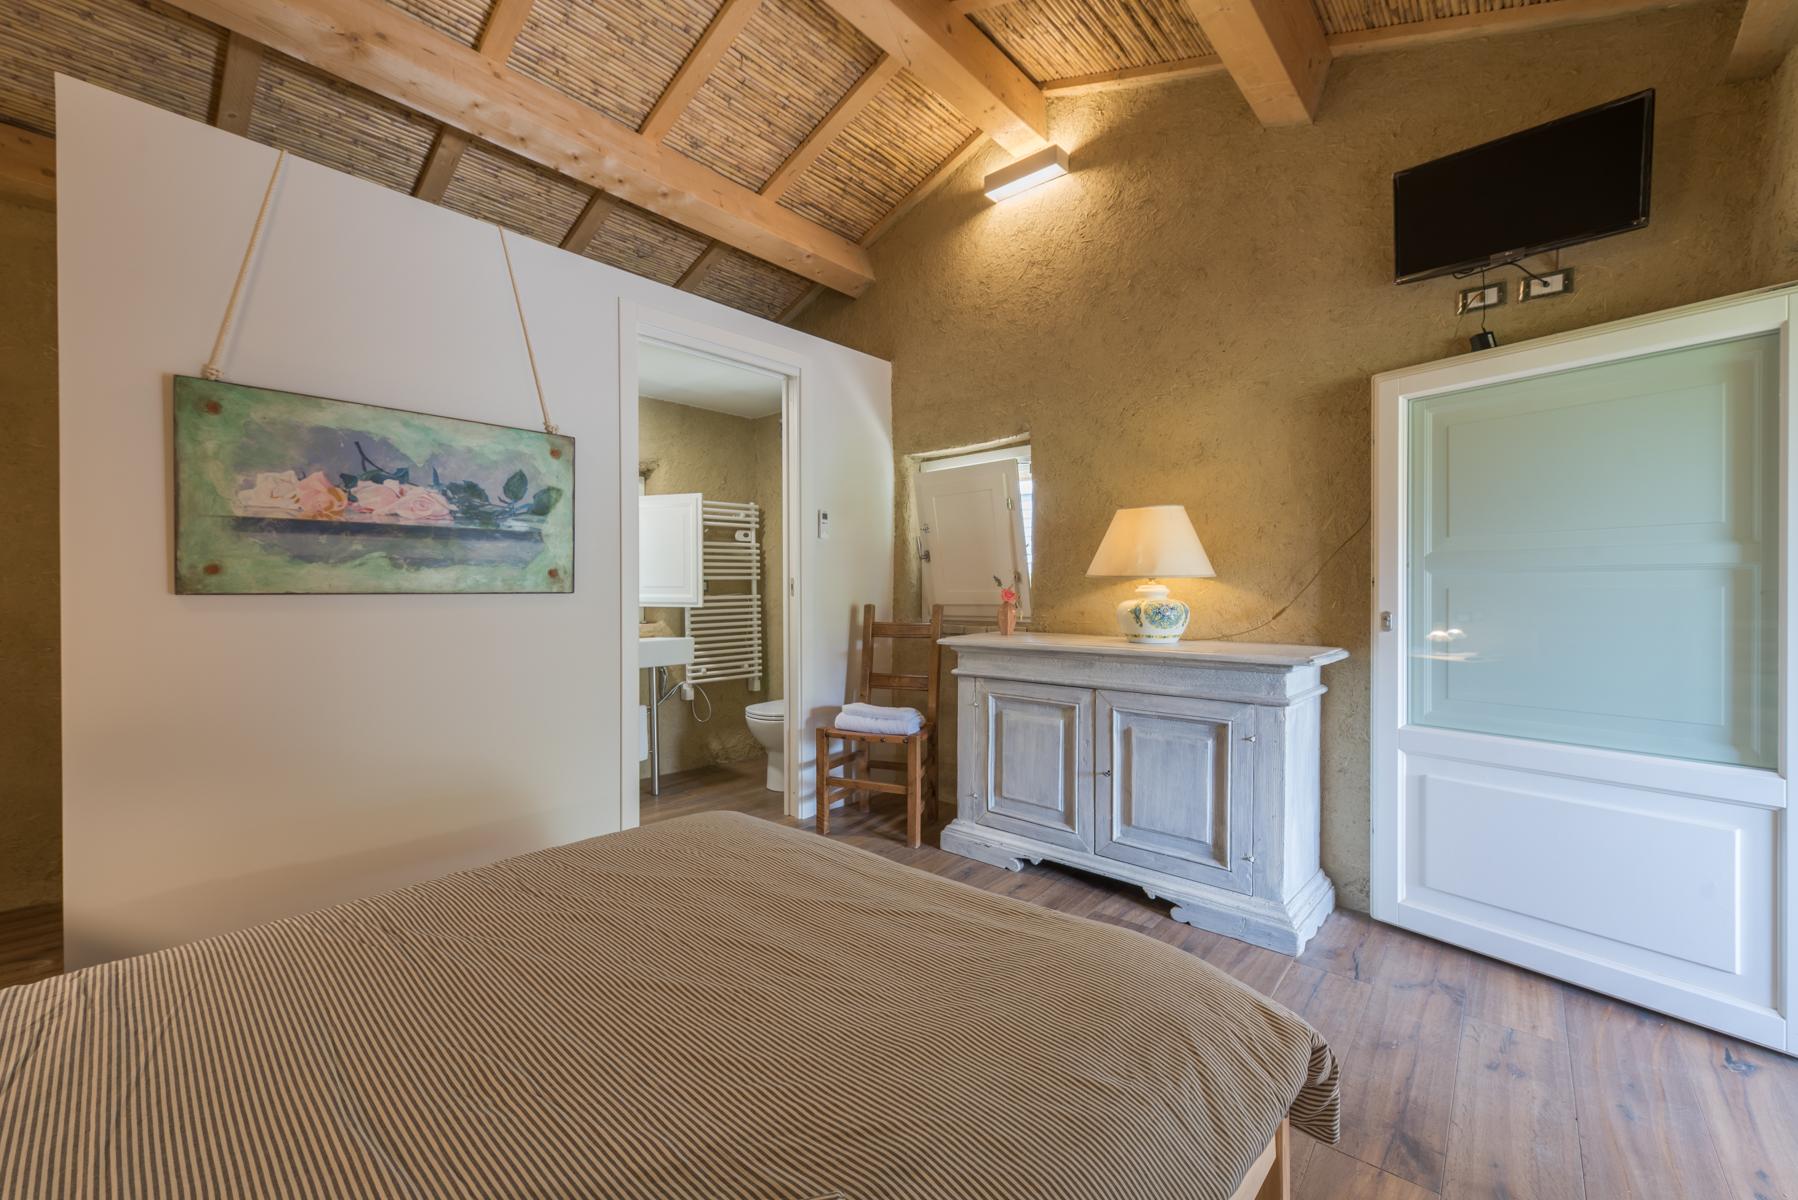 Villa Villa for sale Casalincontrada (CH), Casa Sentinella - Casalincontrada - EUR 321.299 530